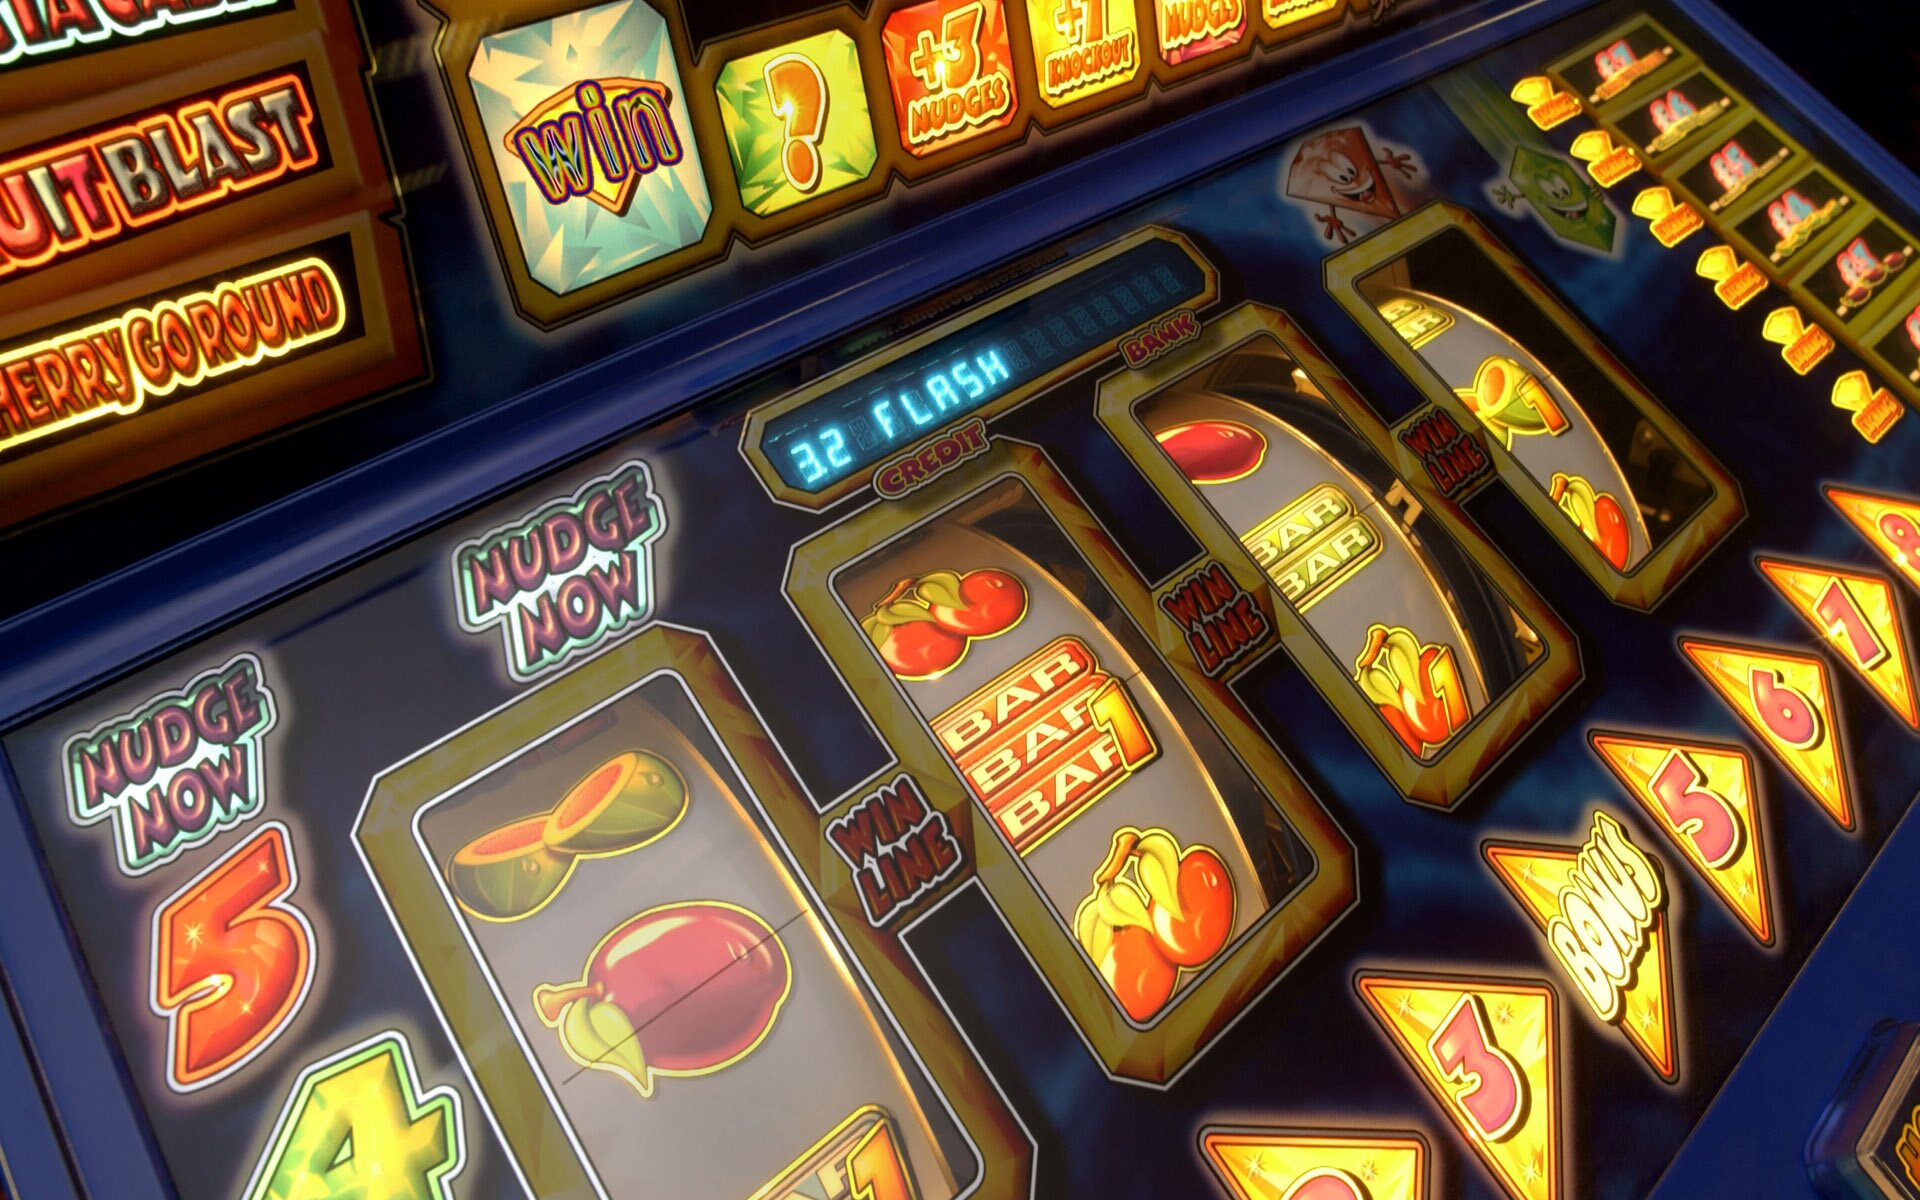 Принципы работы игровых аппаратов русская рулетка играя бесплатно в казино можно ли снять выйгрыш